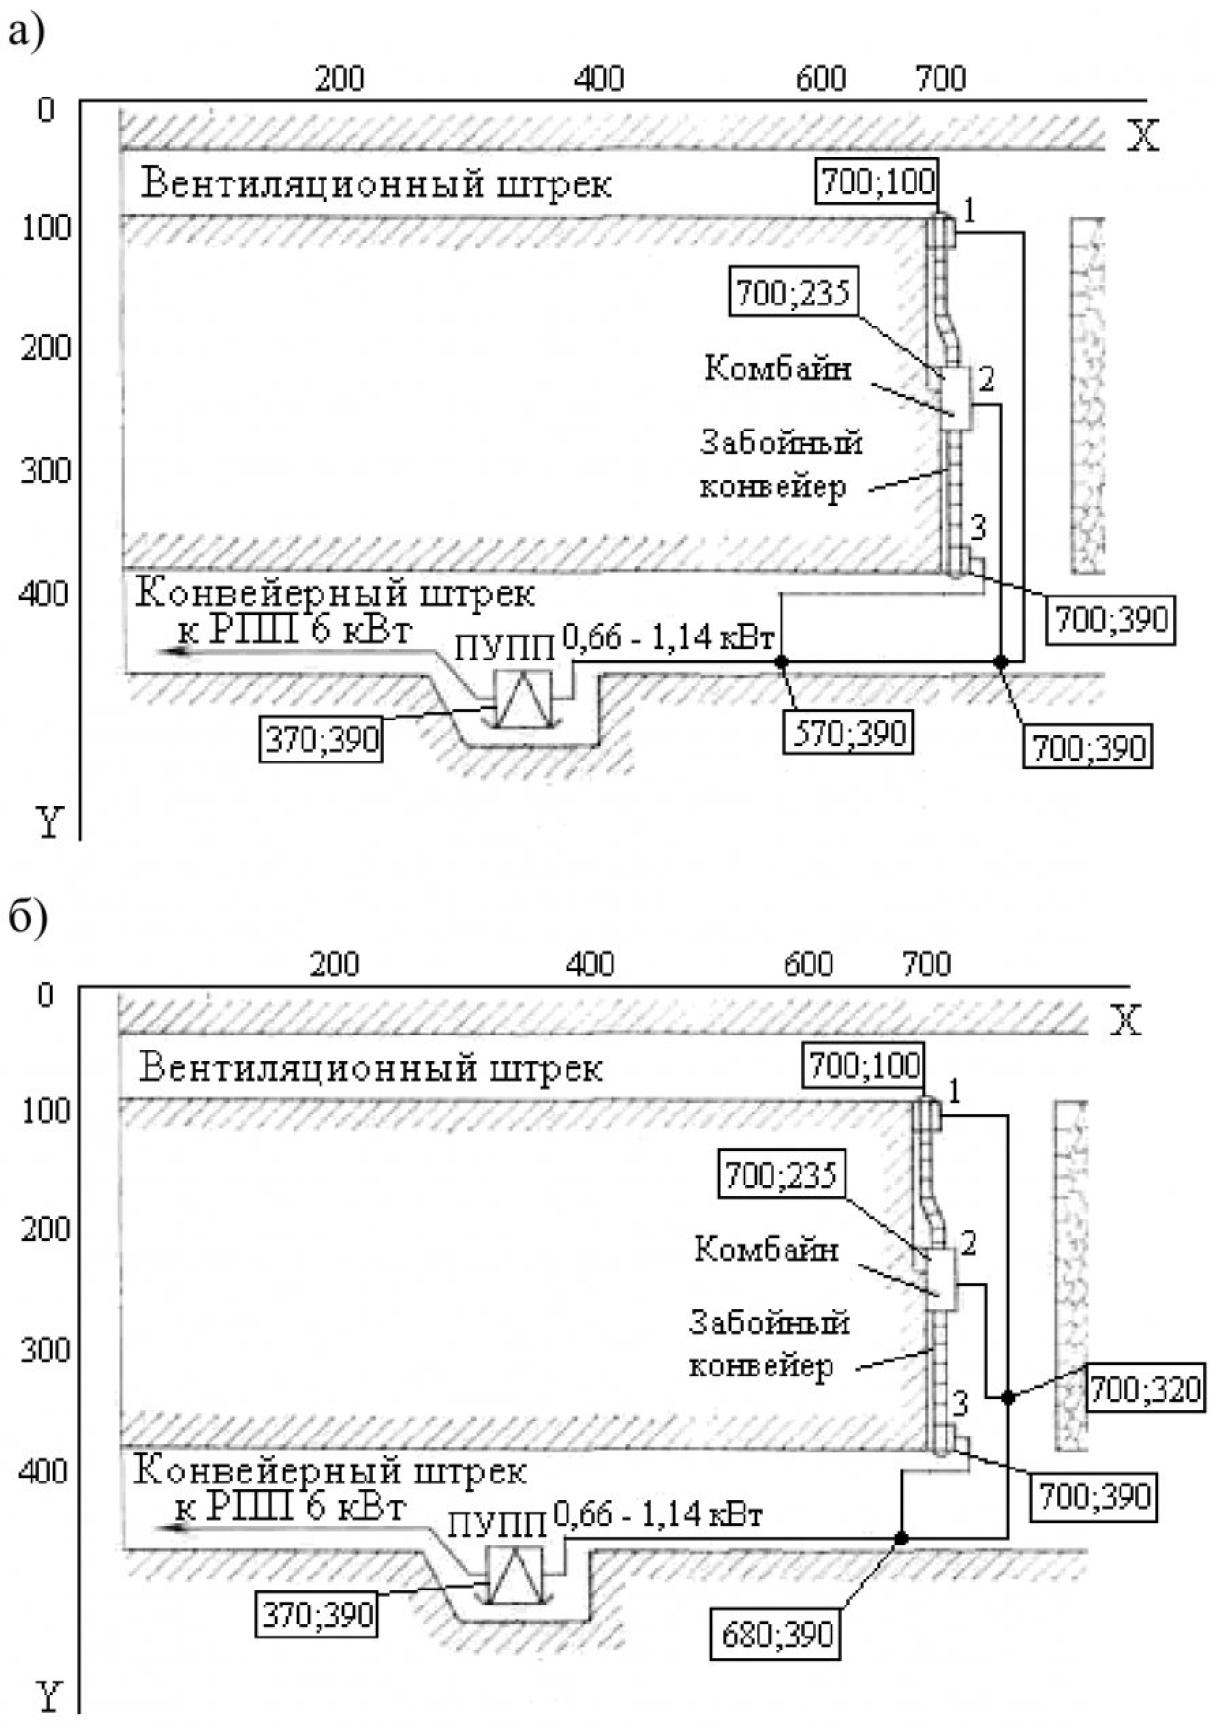 Использование генетического алгоритма при оптимизации структуры сети электроснабжения 3